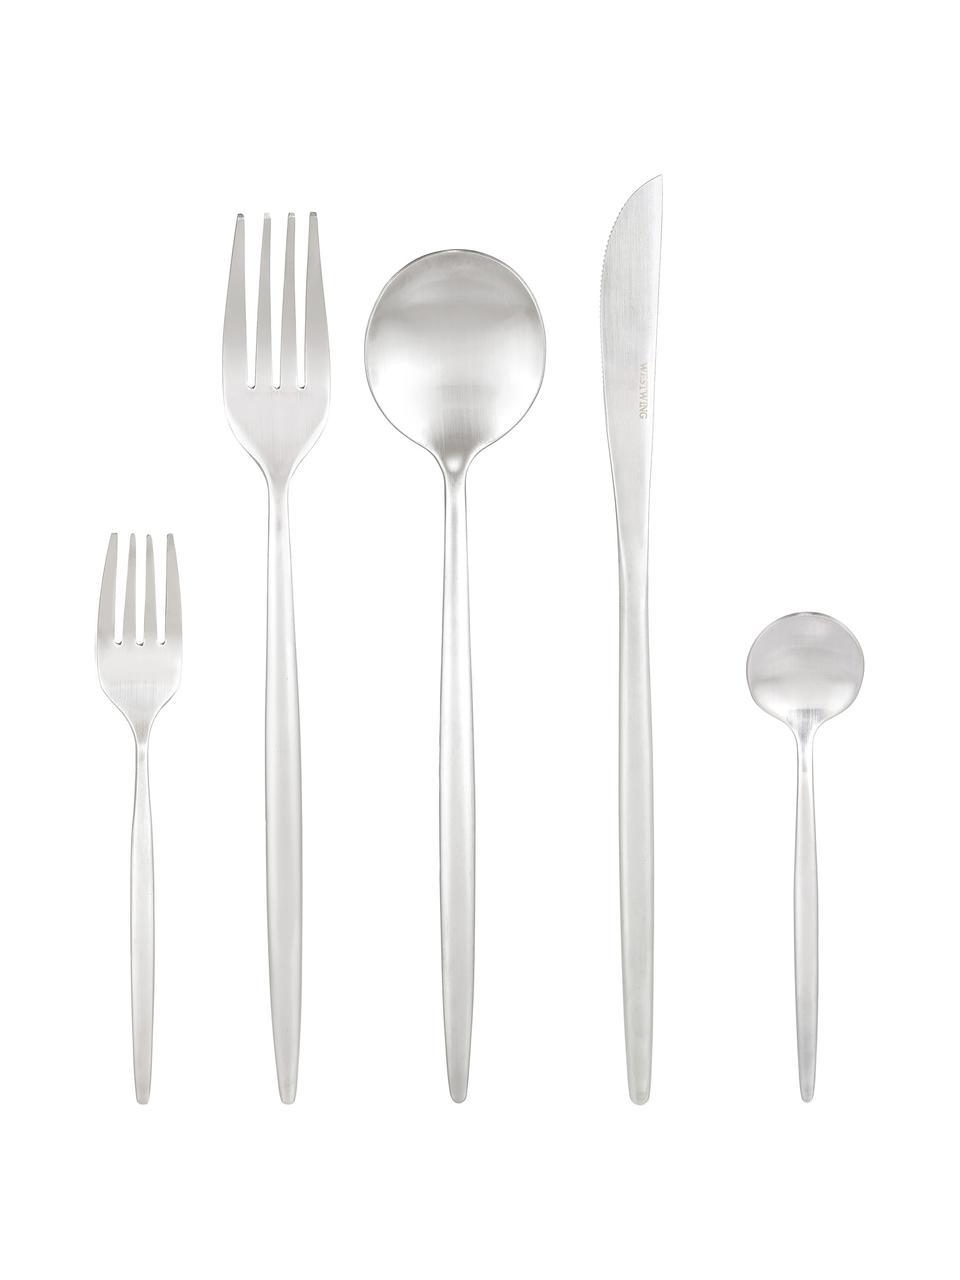 Set posate argentate in acciaio inossidabile Kaylah, Coltello: acciaio inossidabile 13/0, Argento, 4 persone (20 pz)